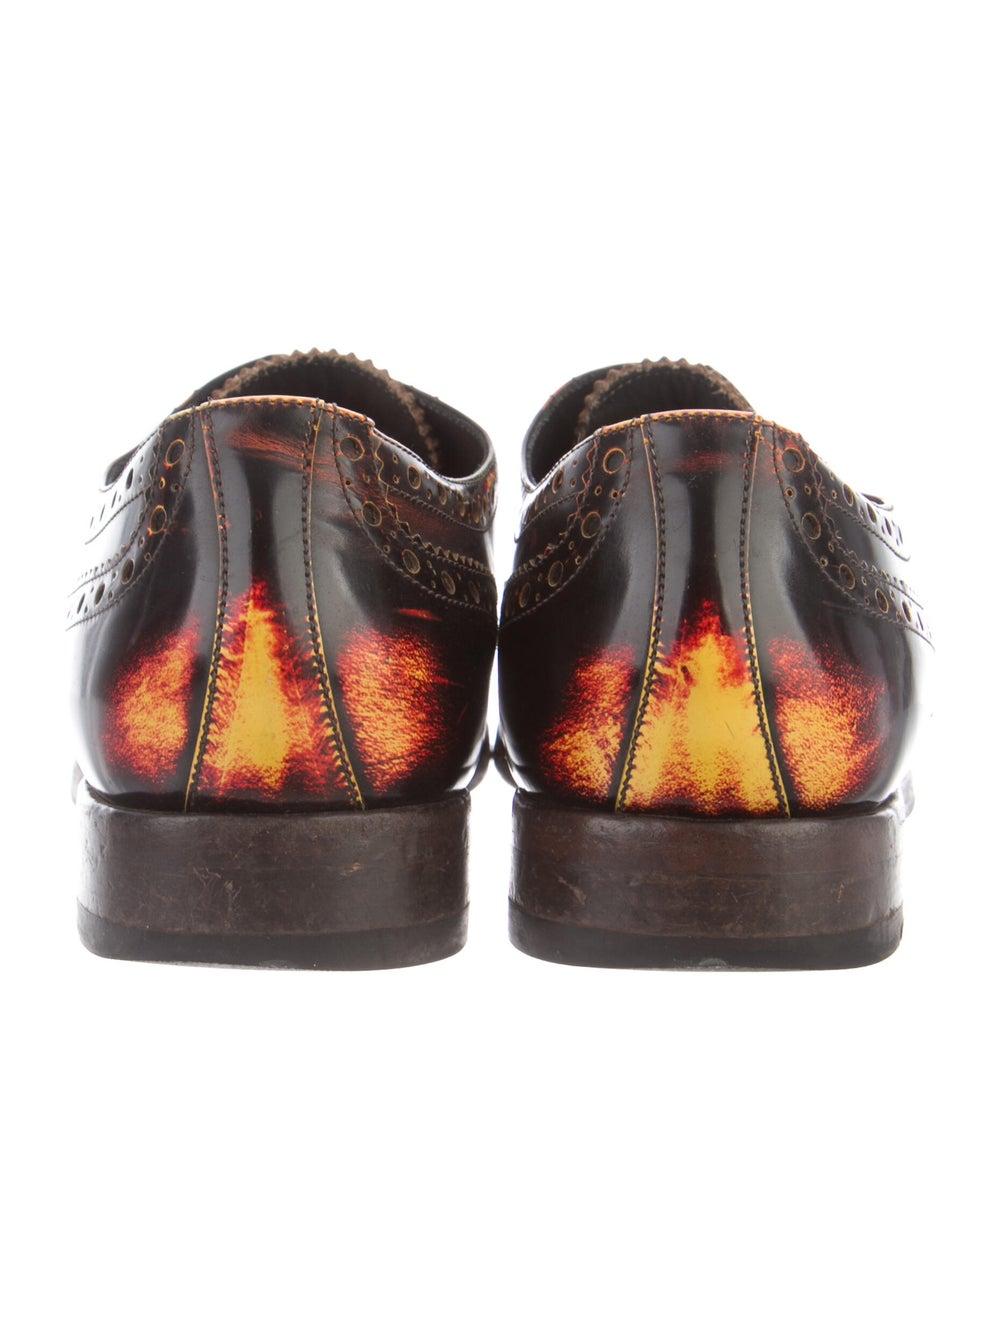 Paul Smith Burnished Leather Leather Spectators B… - image 4